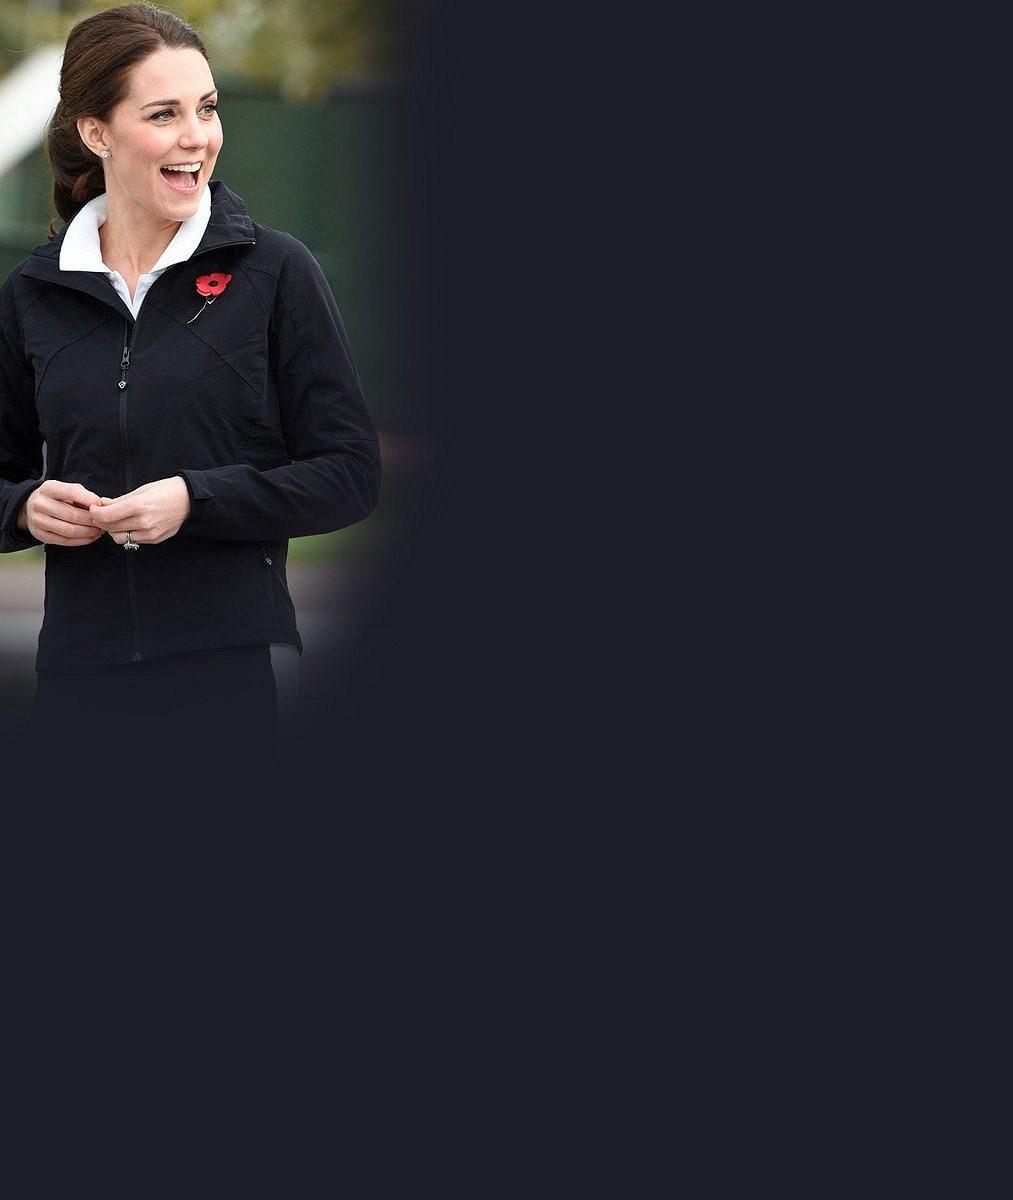 Vévodkyně Kate oblékla teplákovku a půl roku před třetím porodem si zahrála tenis